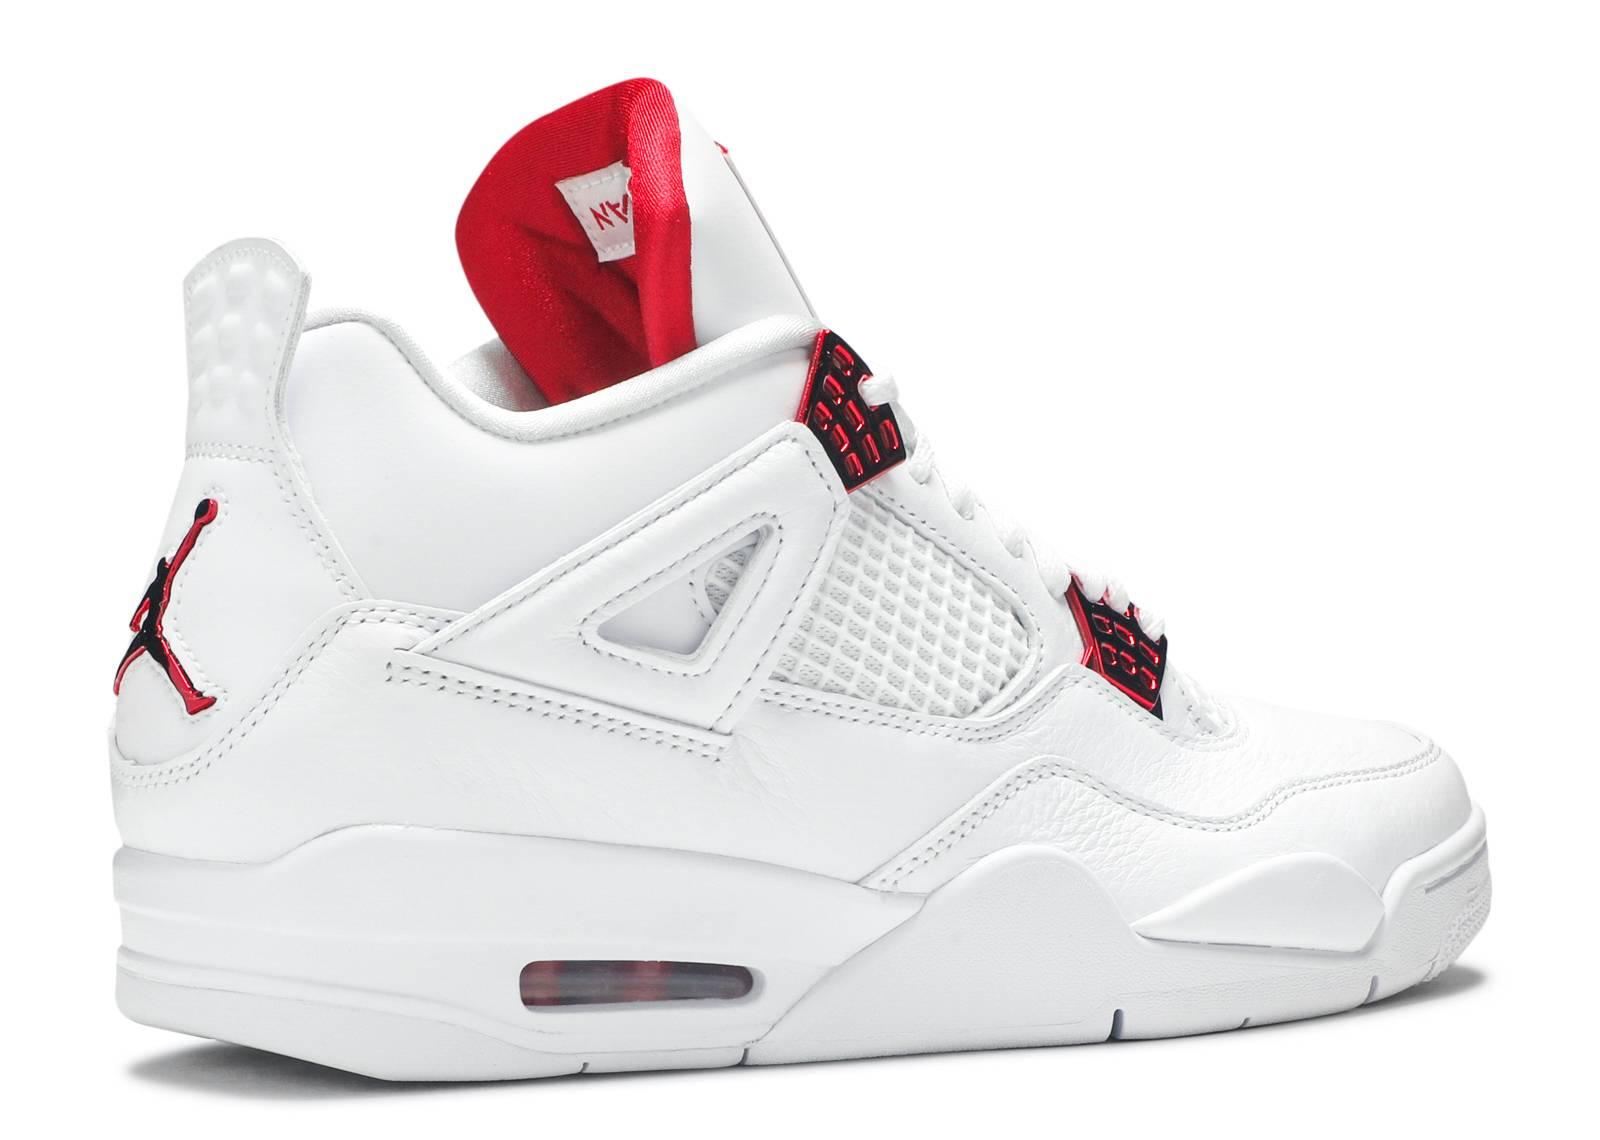 Air Jordan 4 Retro 'Red Metallic'